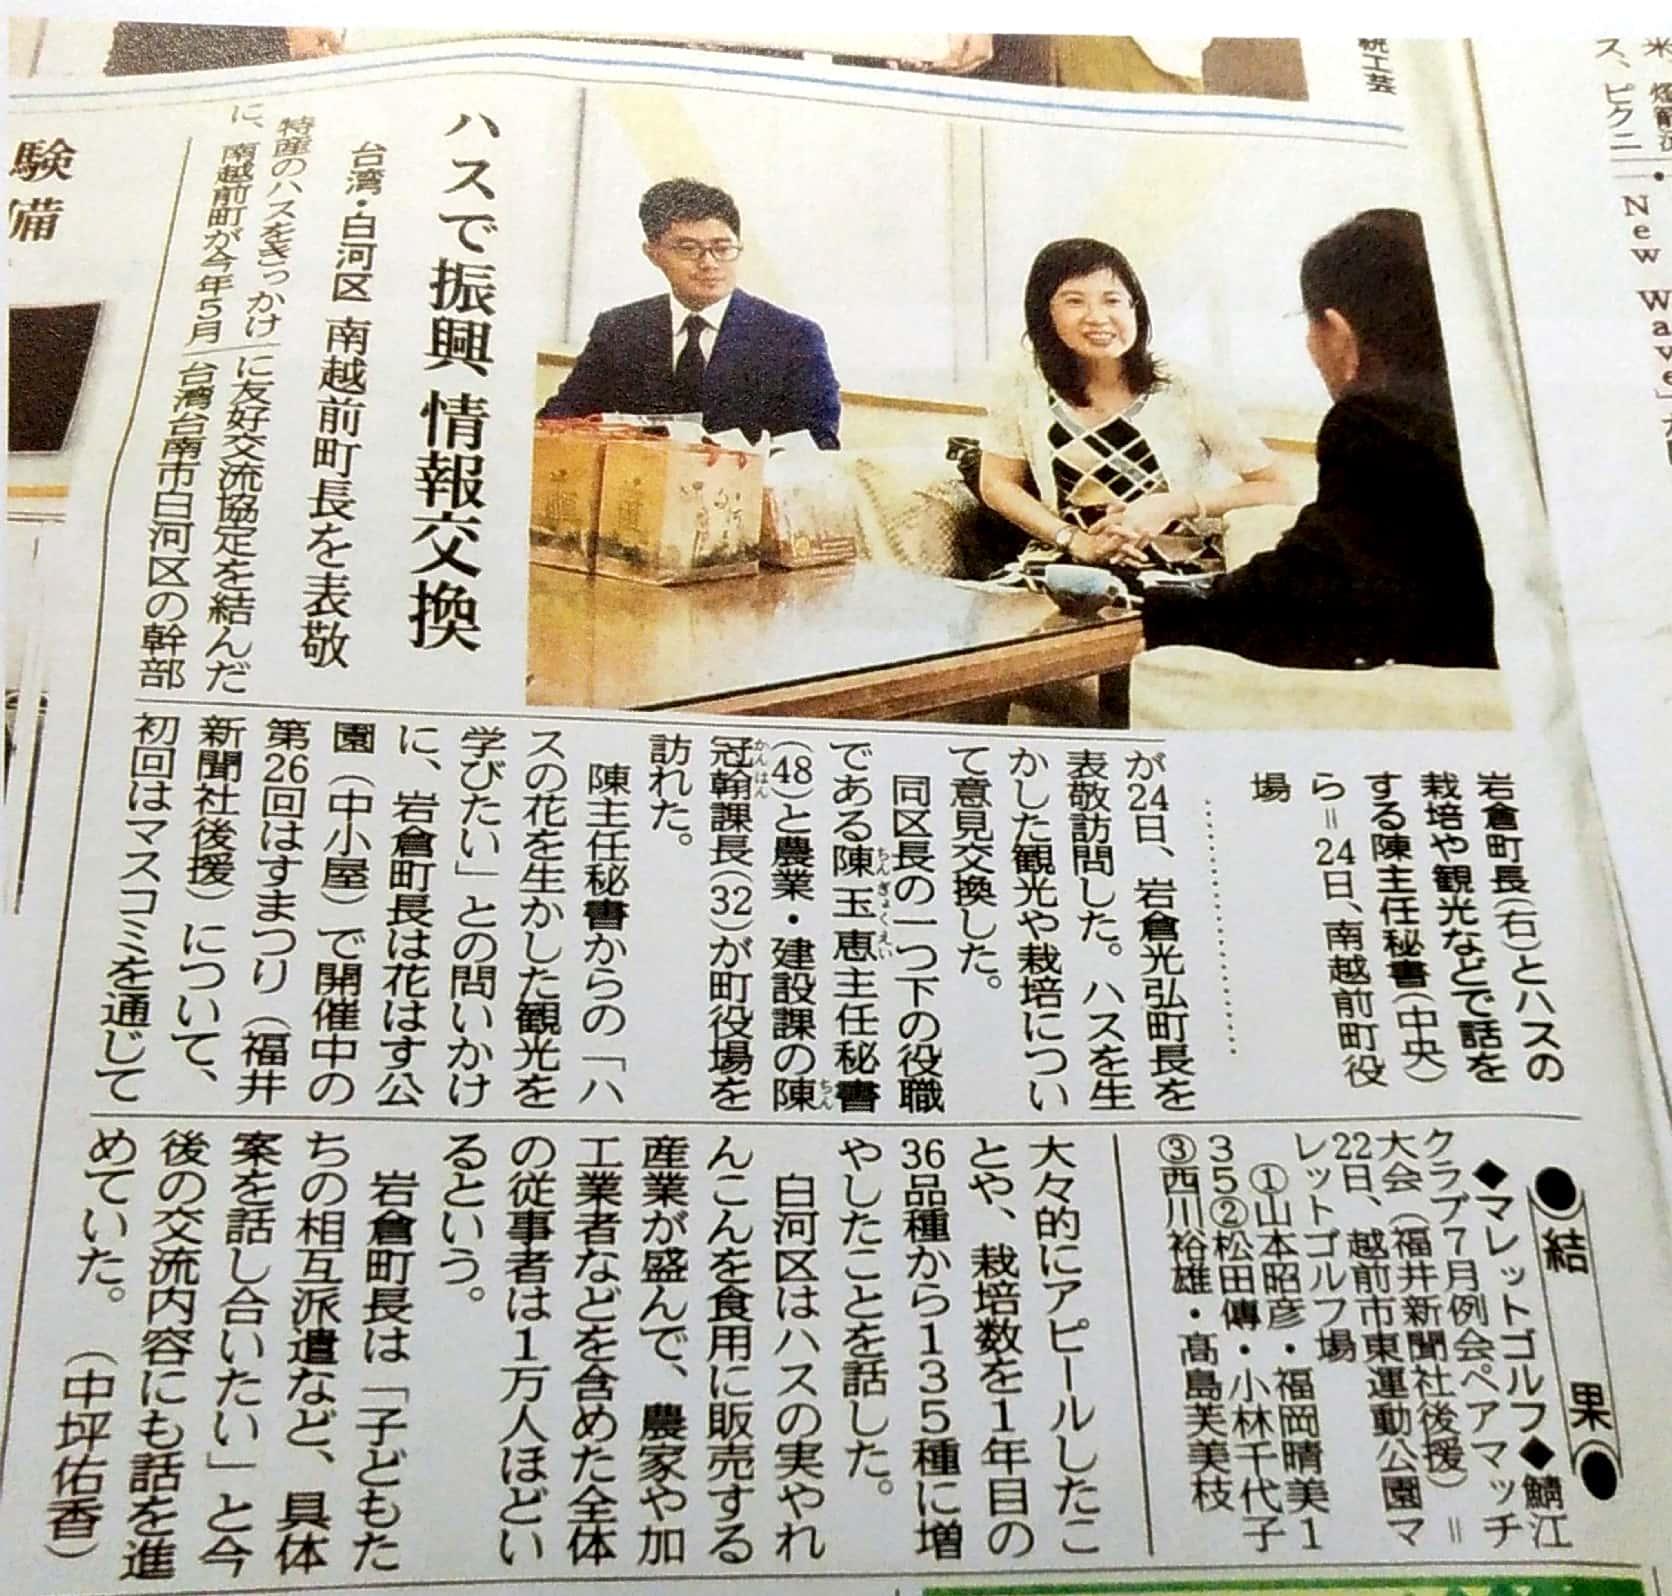 本所與日方交流於日本報紙報導